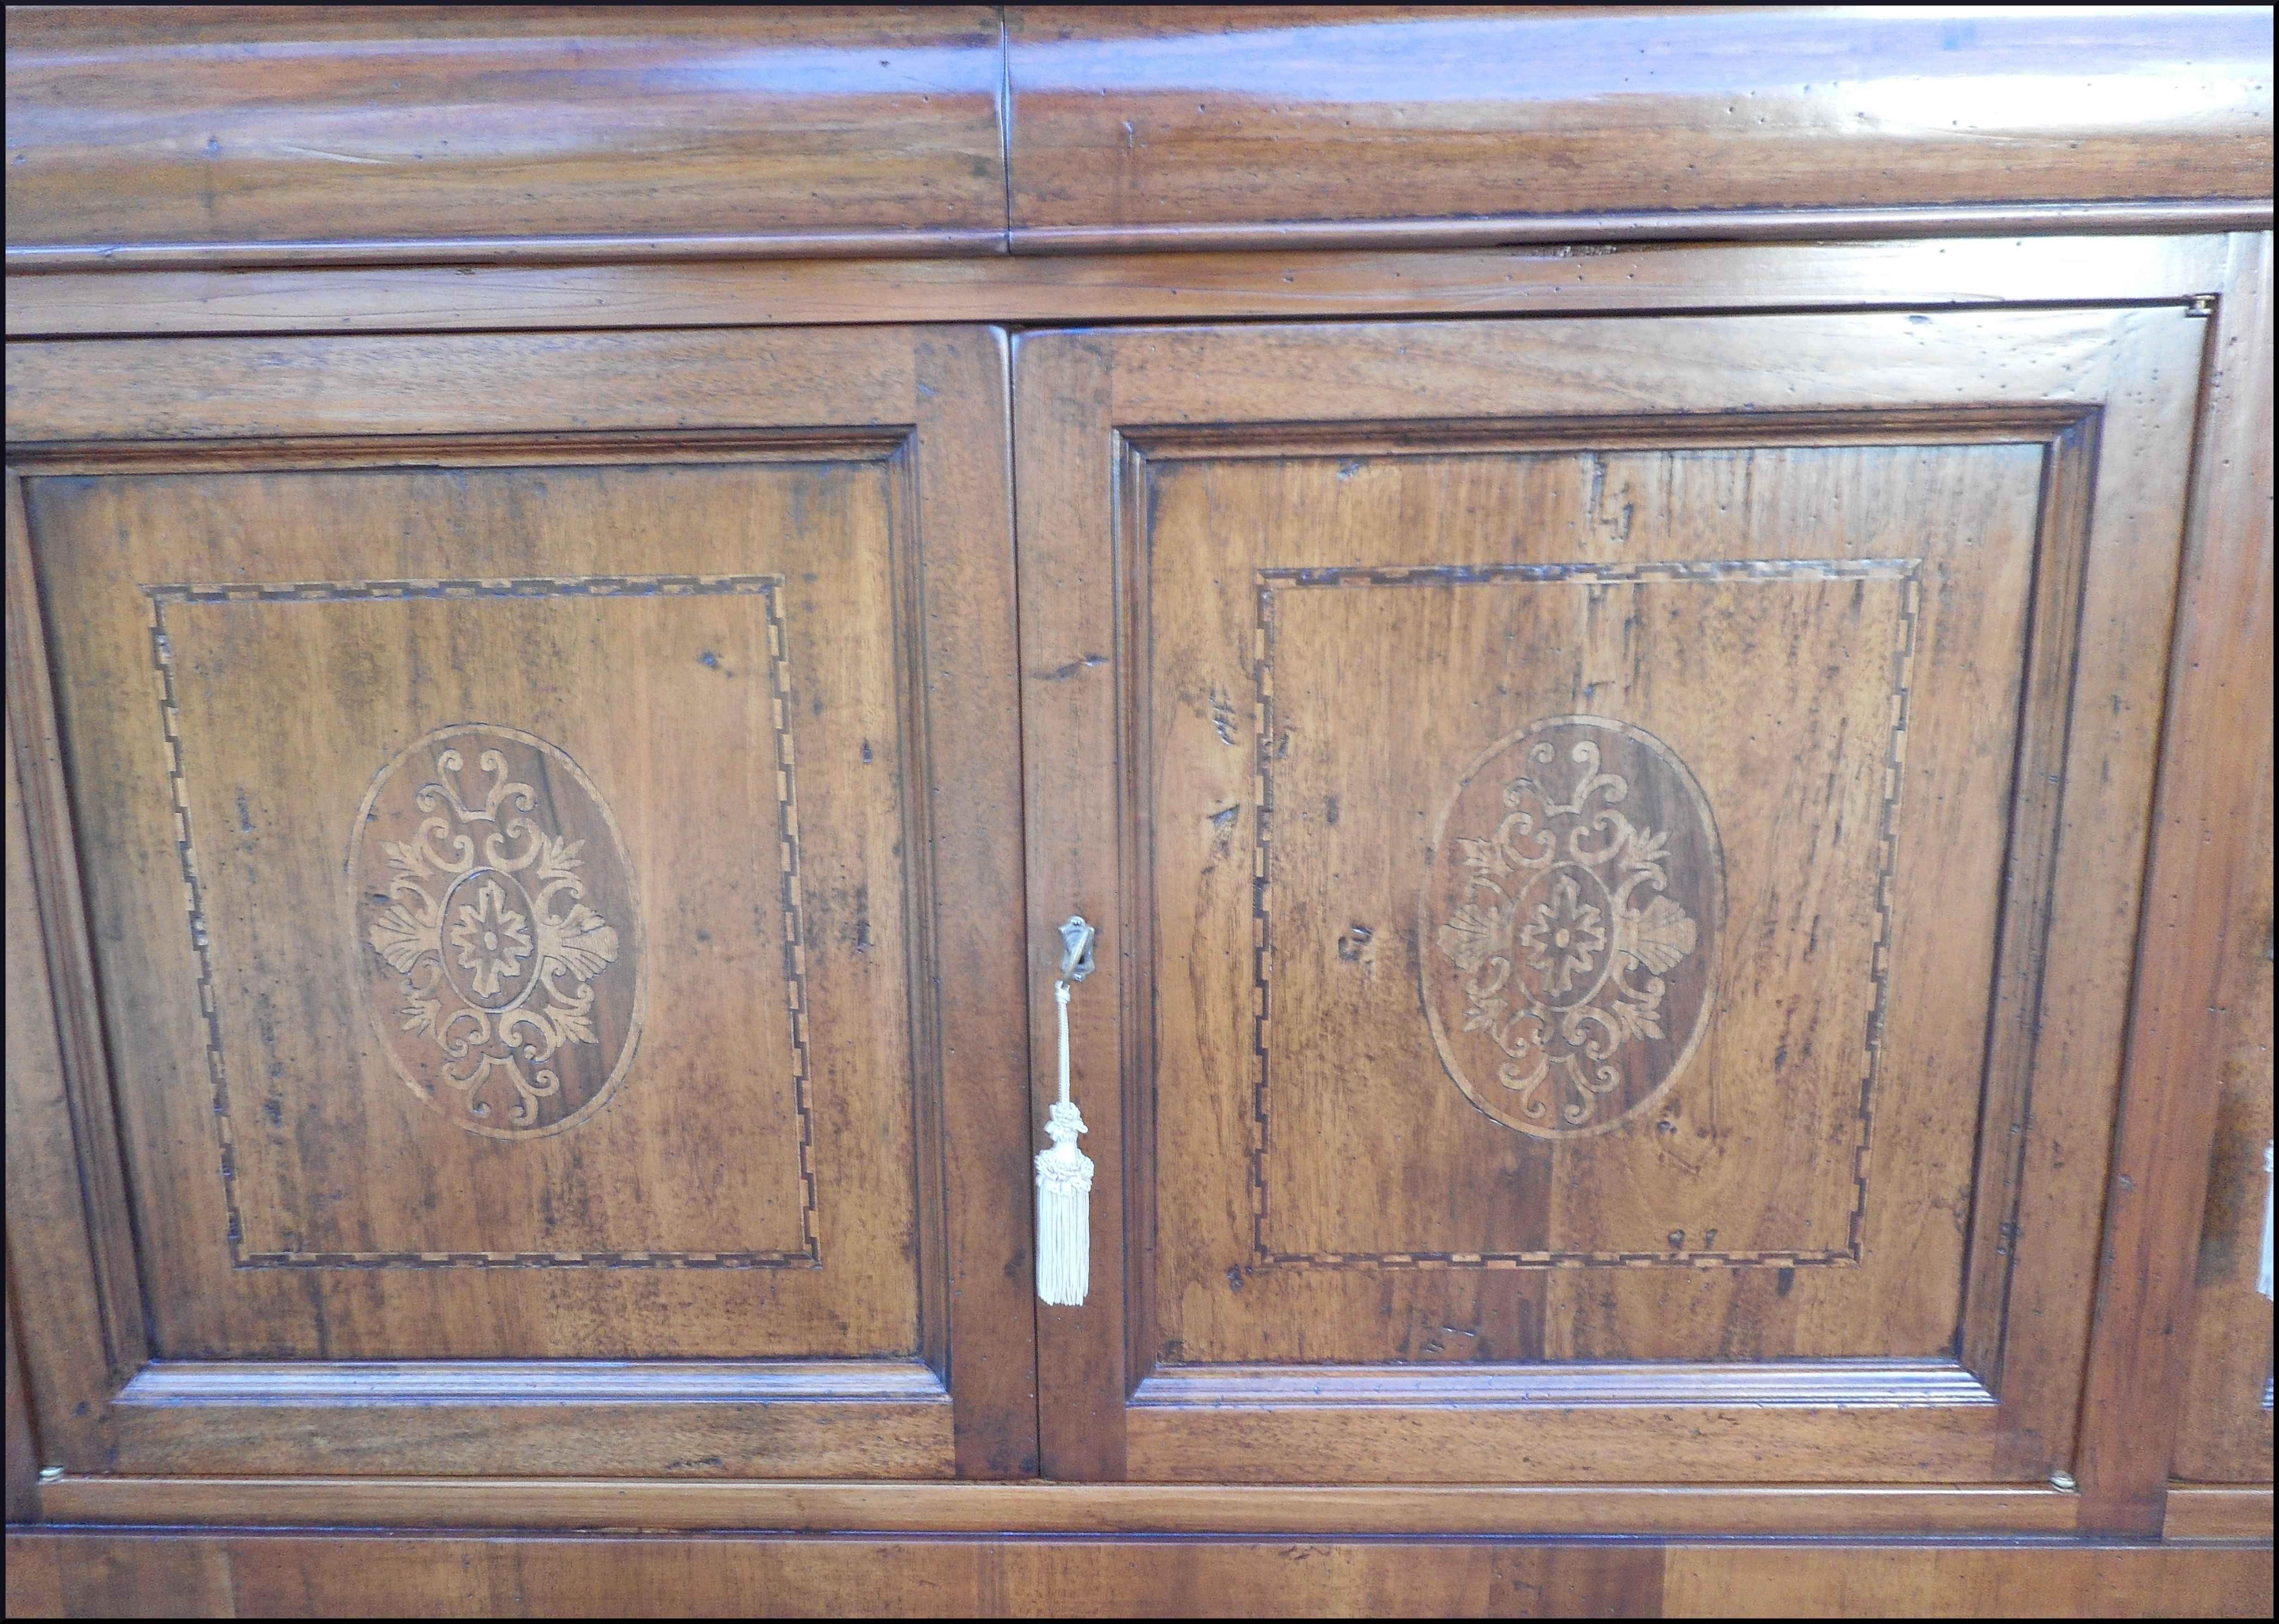 Credenza tre porte con intarsi floreali